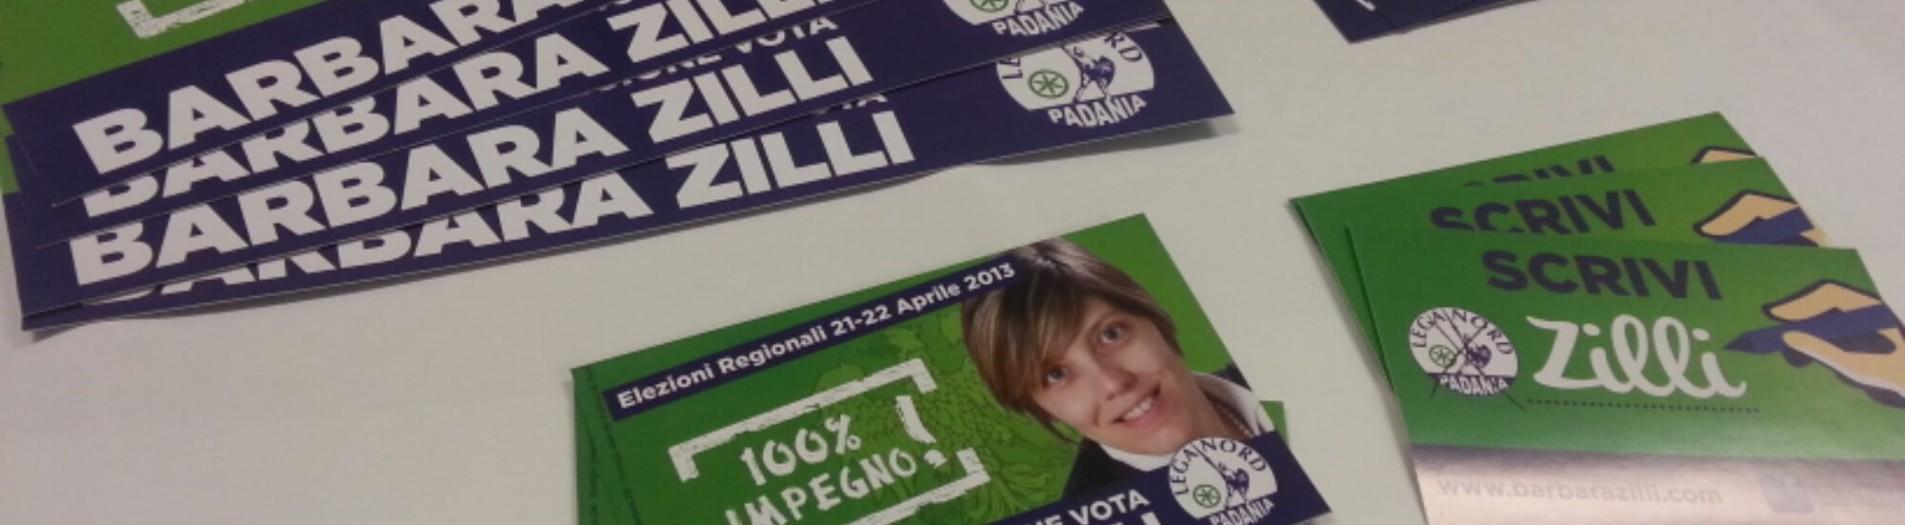 Specializzati in campagne elettorali ed marketing per elezioni